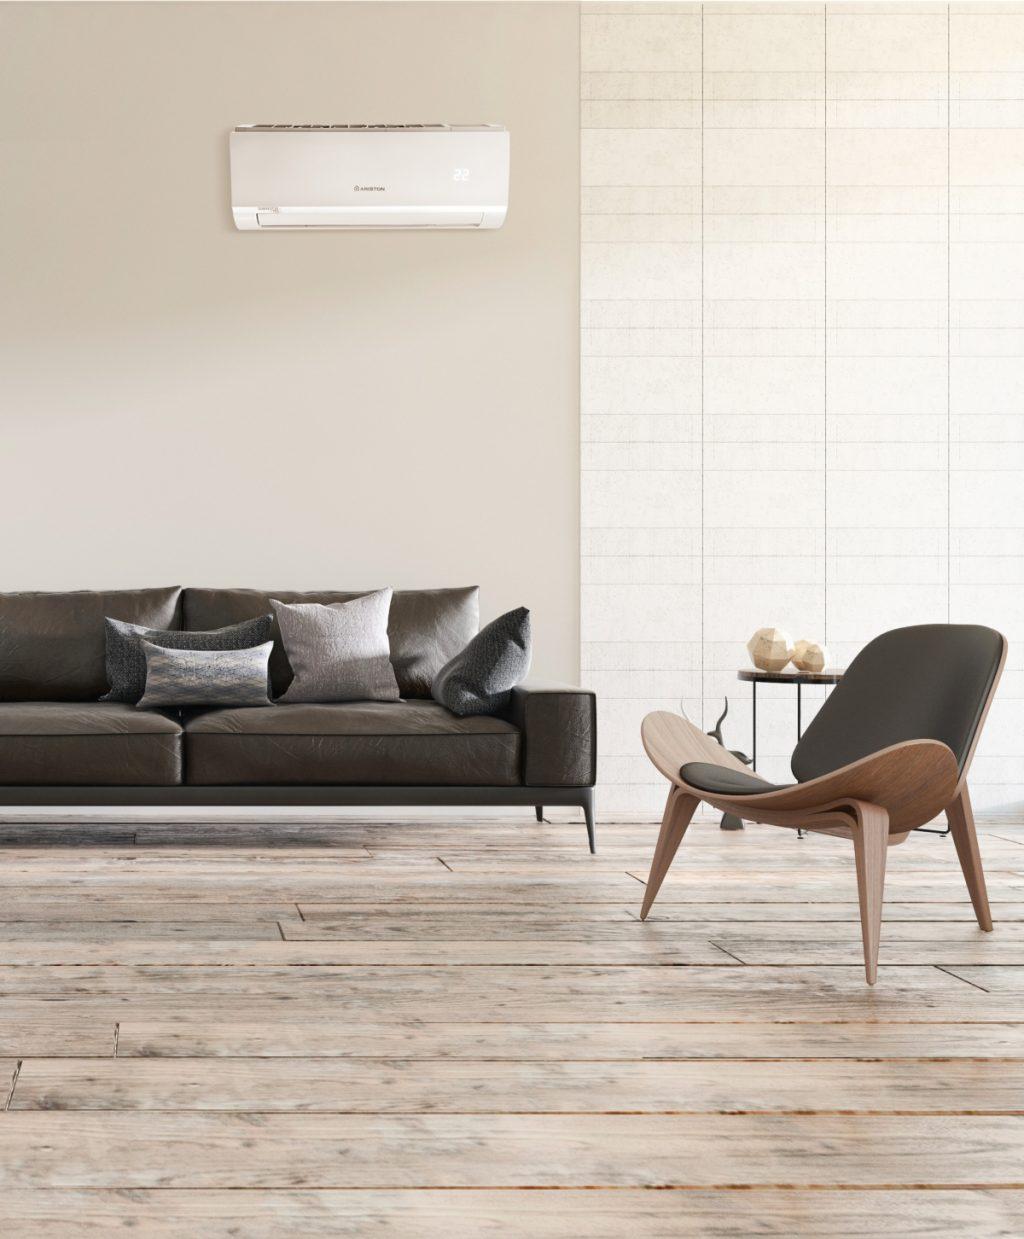 inverter air conditioner ariston Kios